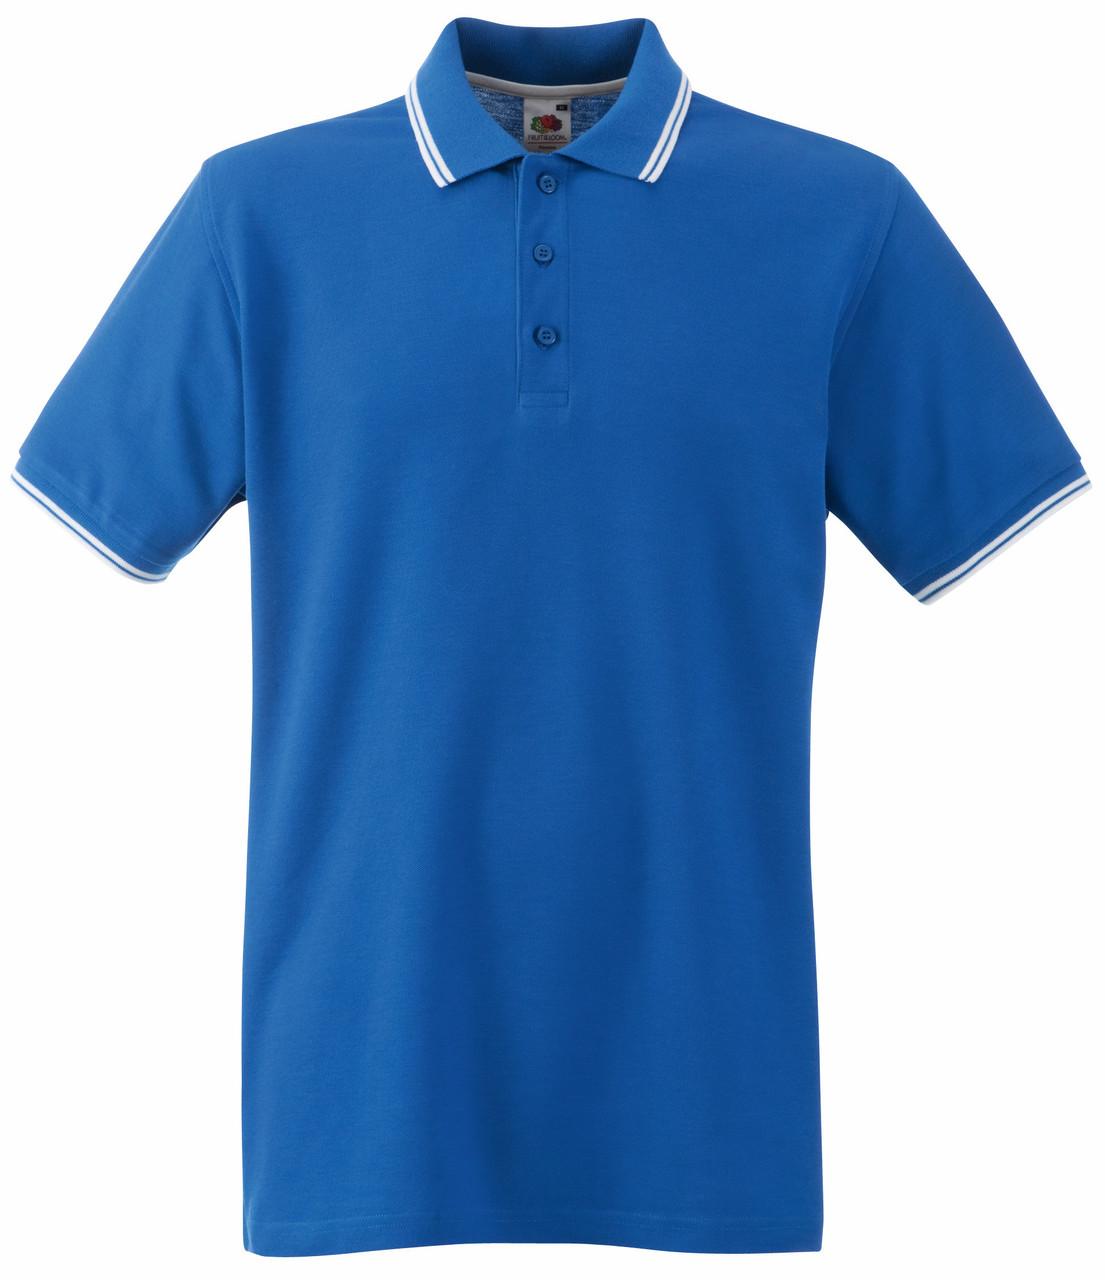 Мужское Поло Ярко-синее с Белыми Полосками Fruit of the loom 63-032-KbXxl